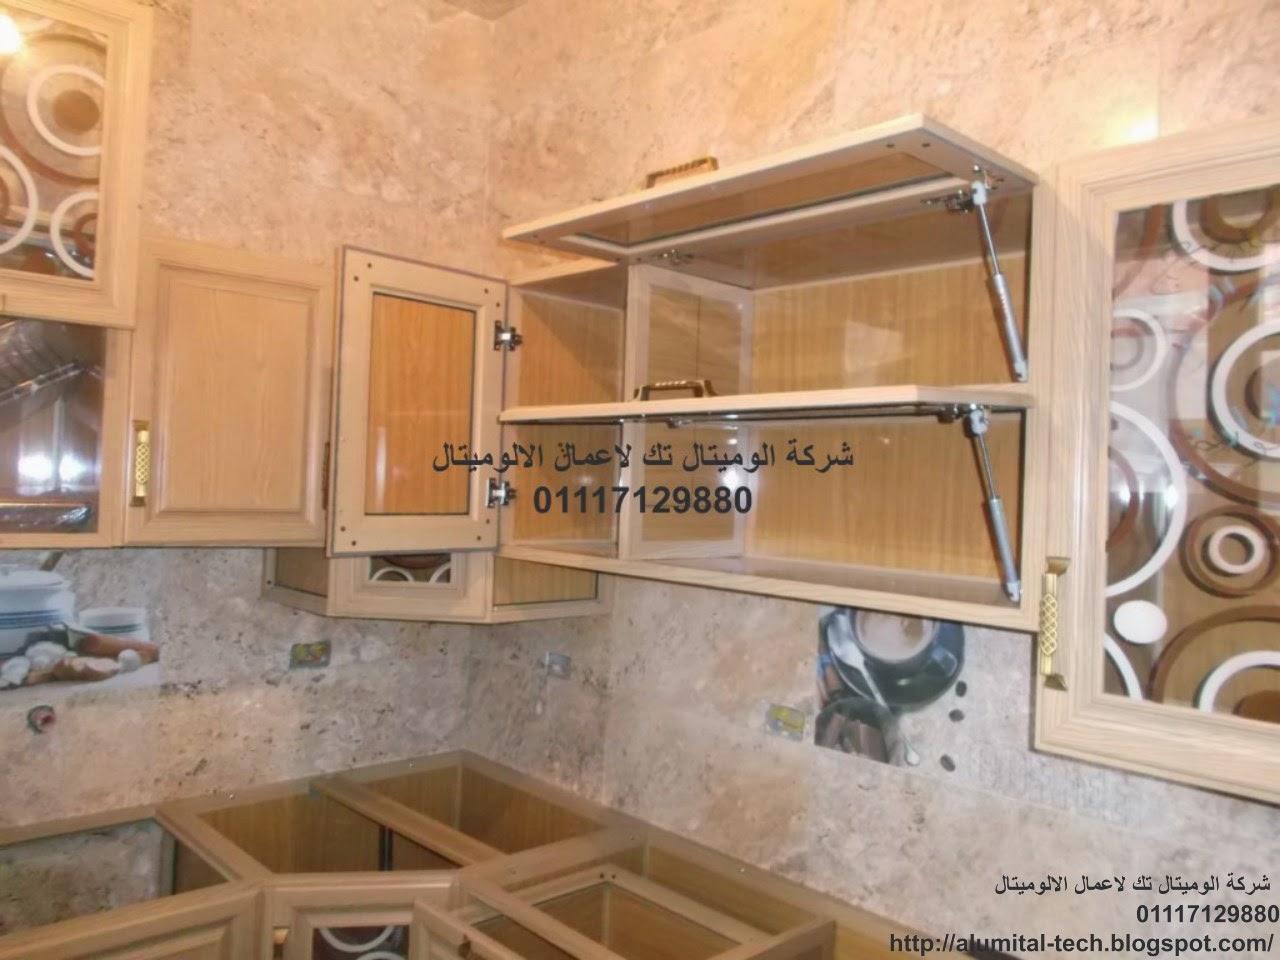 صور مطابخ, صور مطابخ الوميتال, مطابخ, مطابخ الوميتال, مطابخ الوميتال تك,